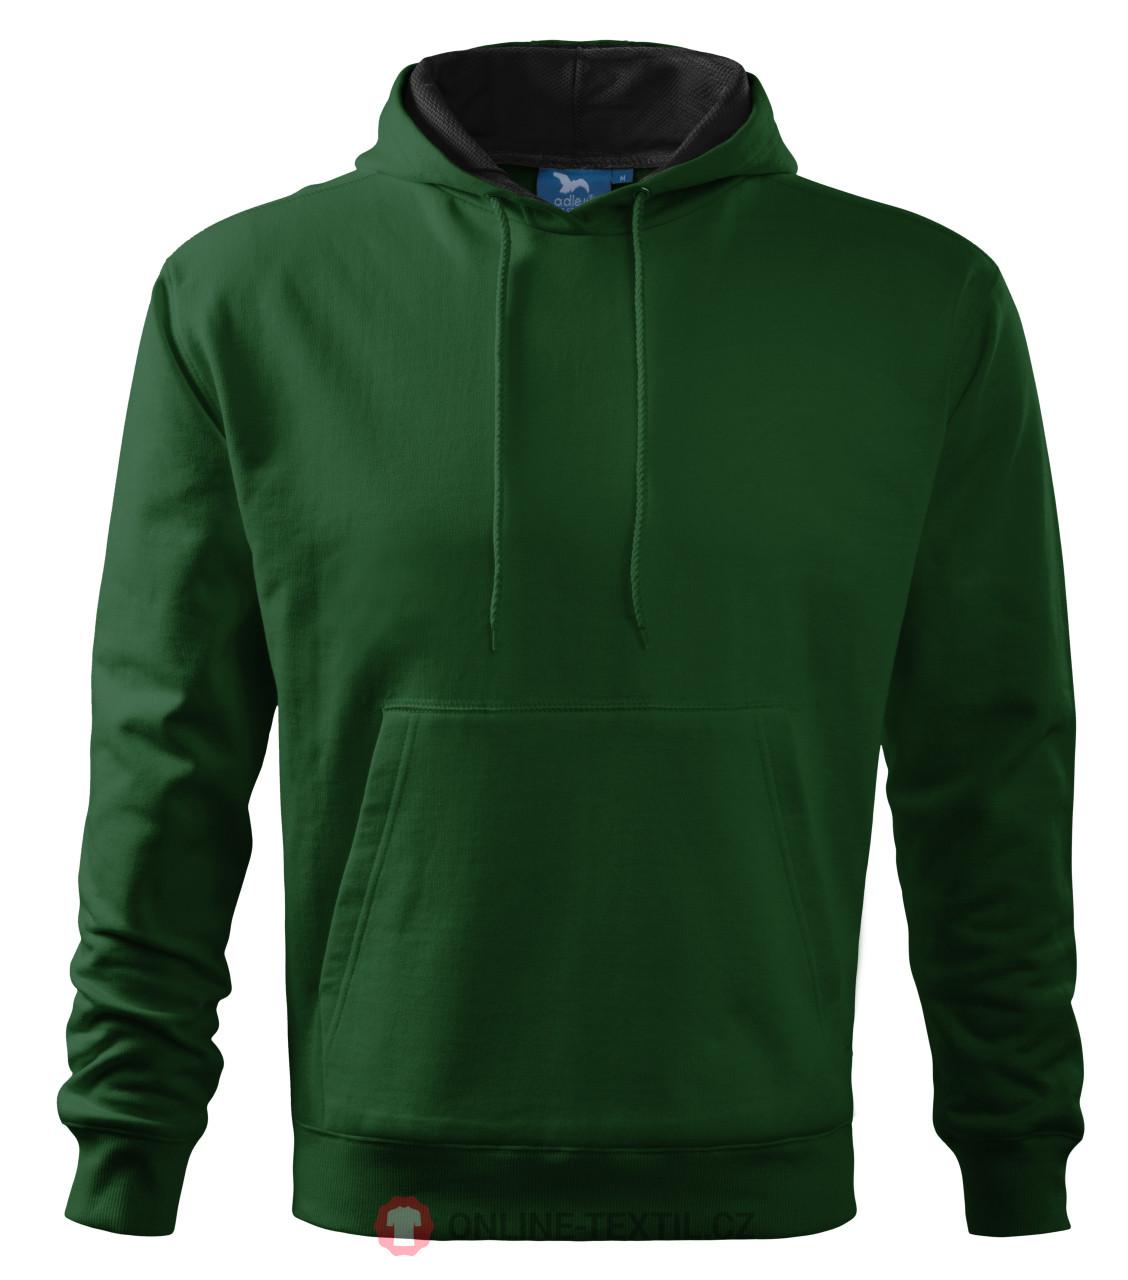 ADLER CZECH Mikina pánská Hooded Sweater s kapucí 405 - lahvově ... 4adb29d28b